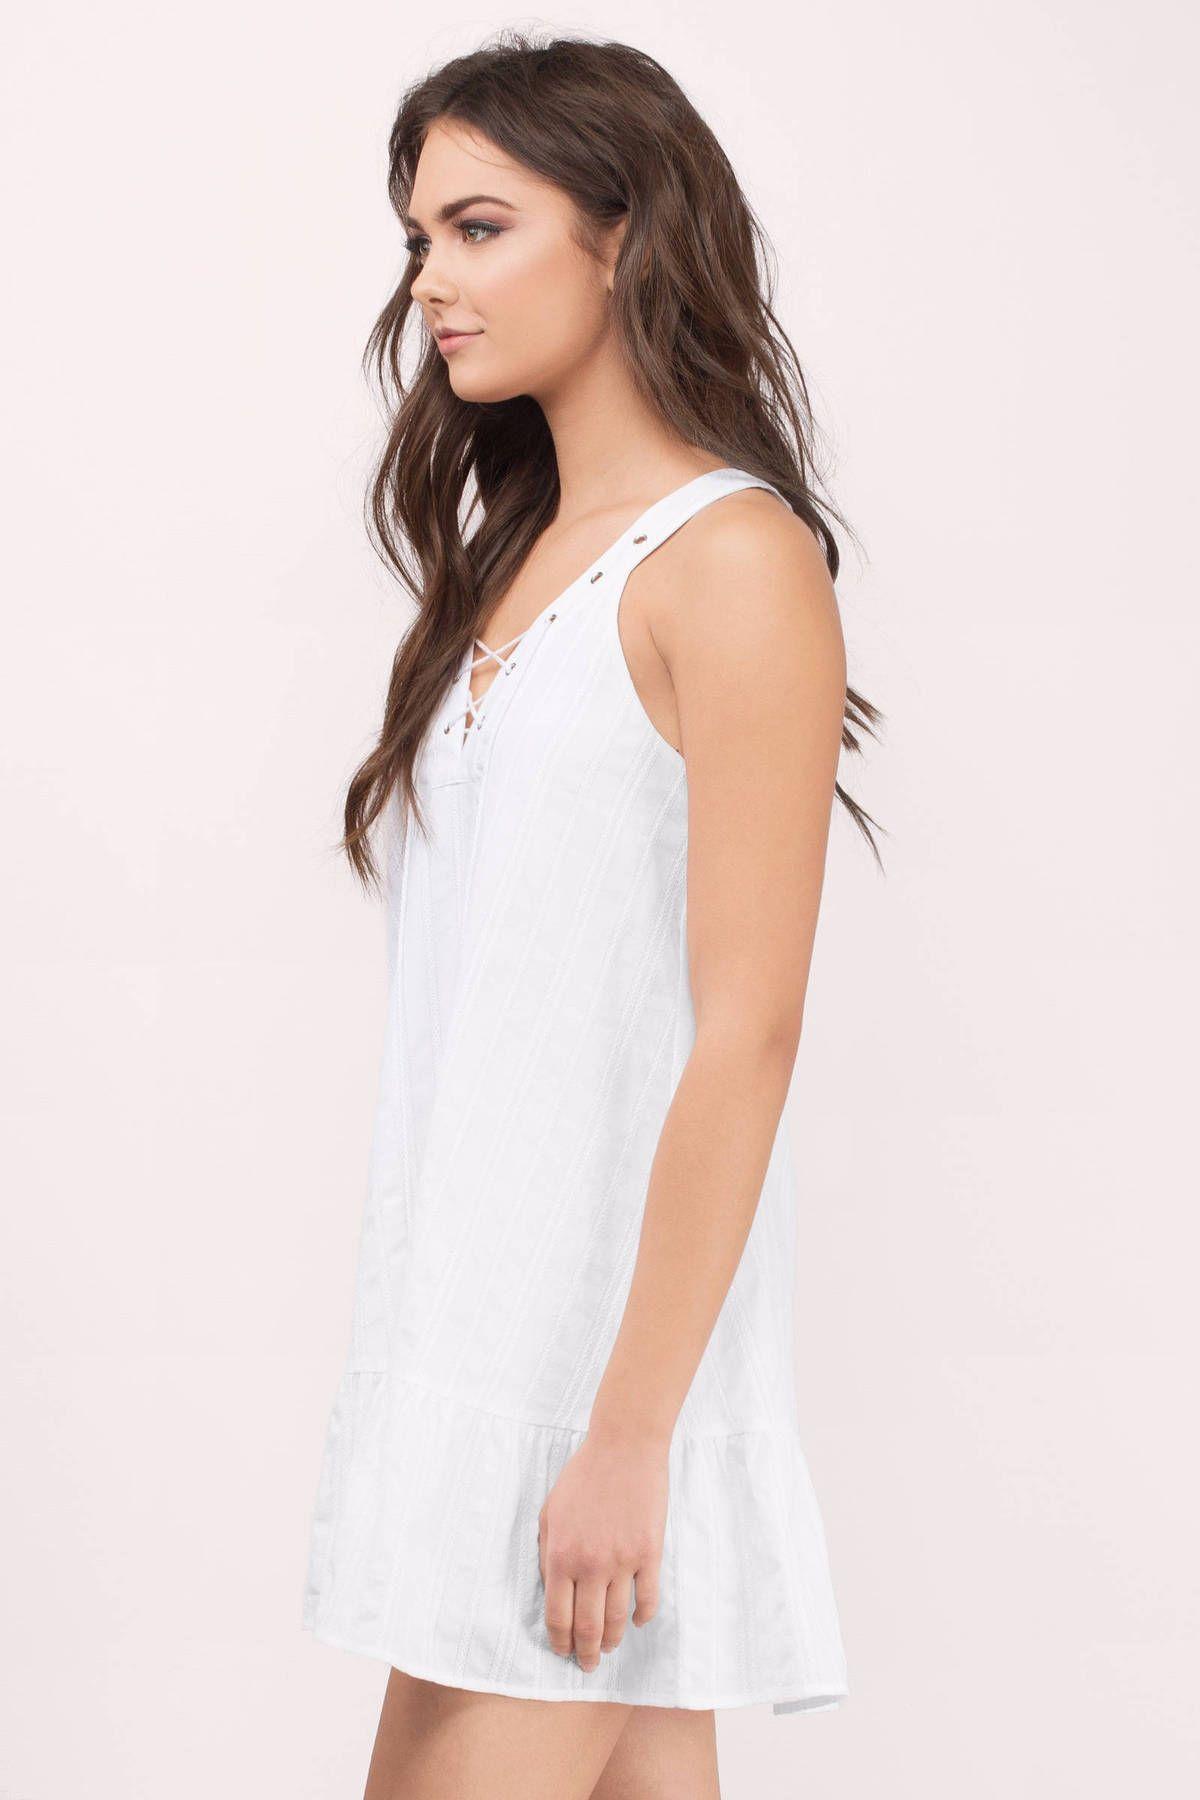 White Dresses, White Shaelyn Lace Up Mini Dress